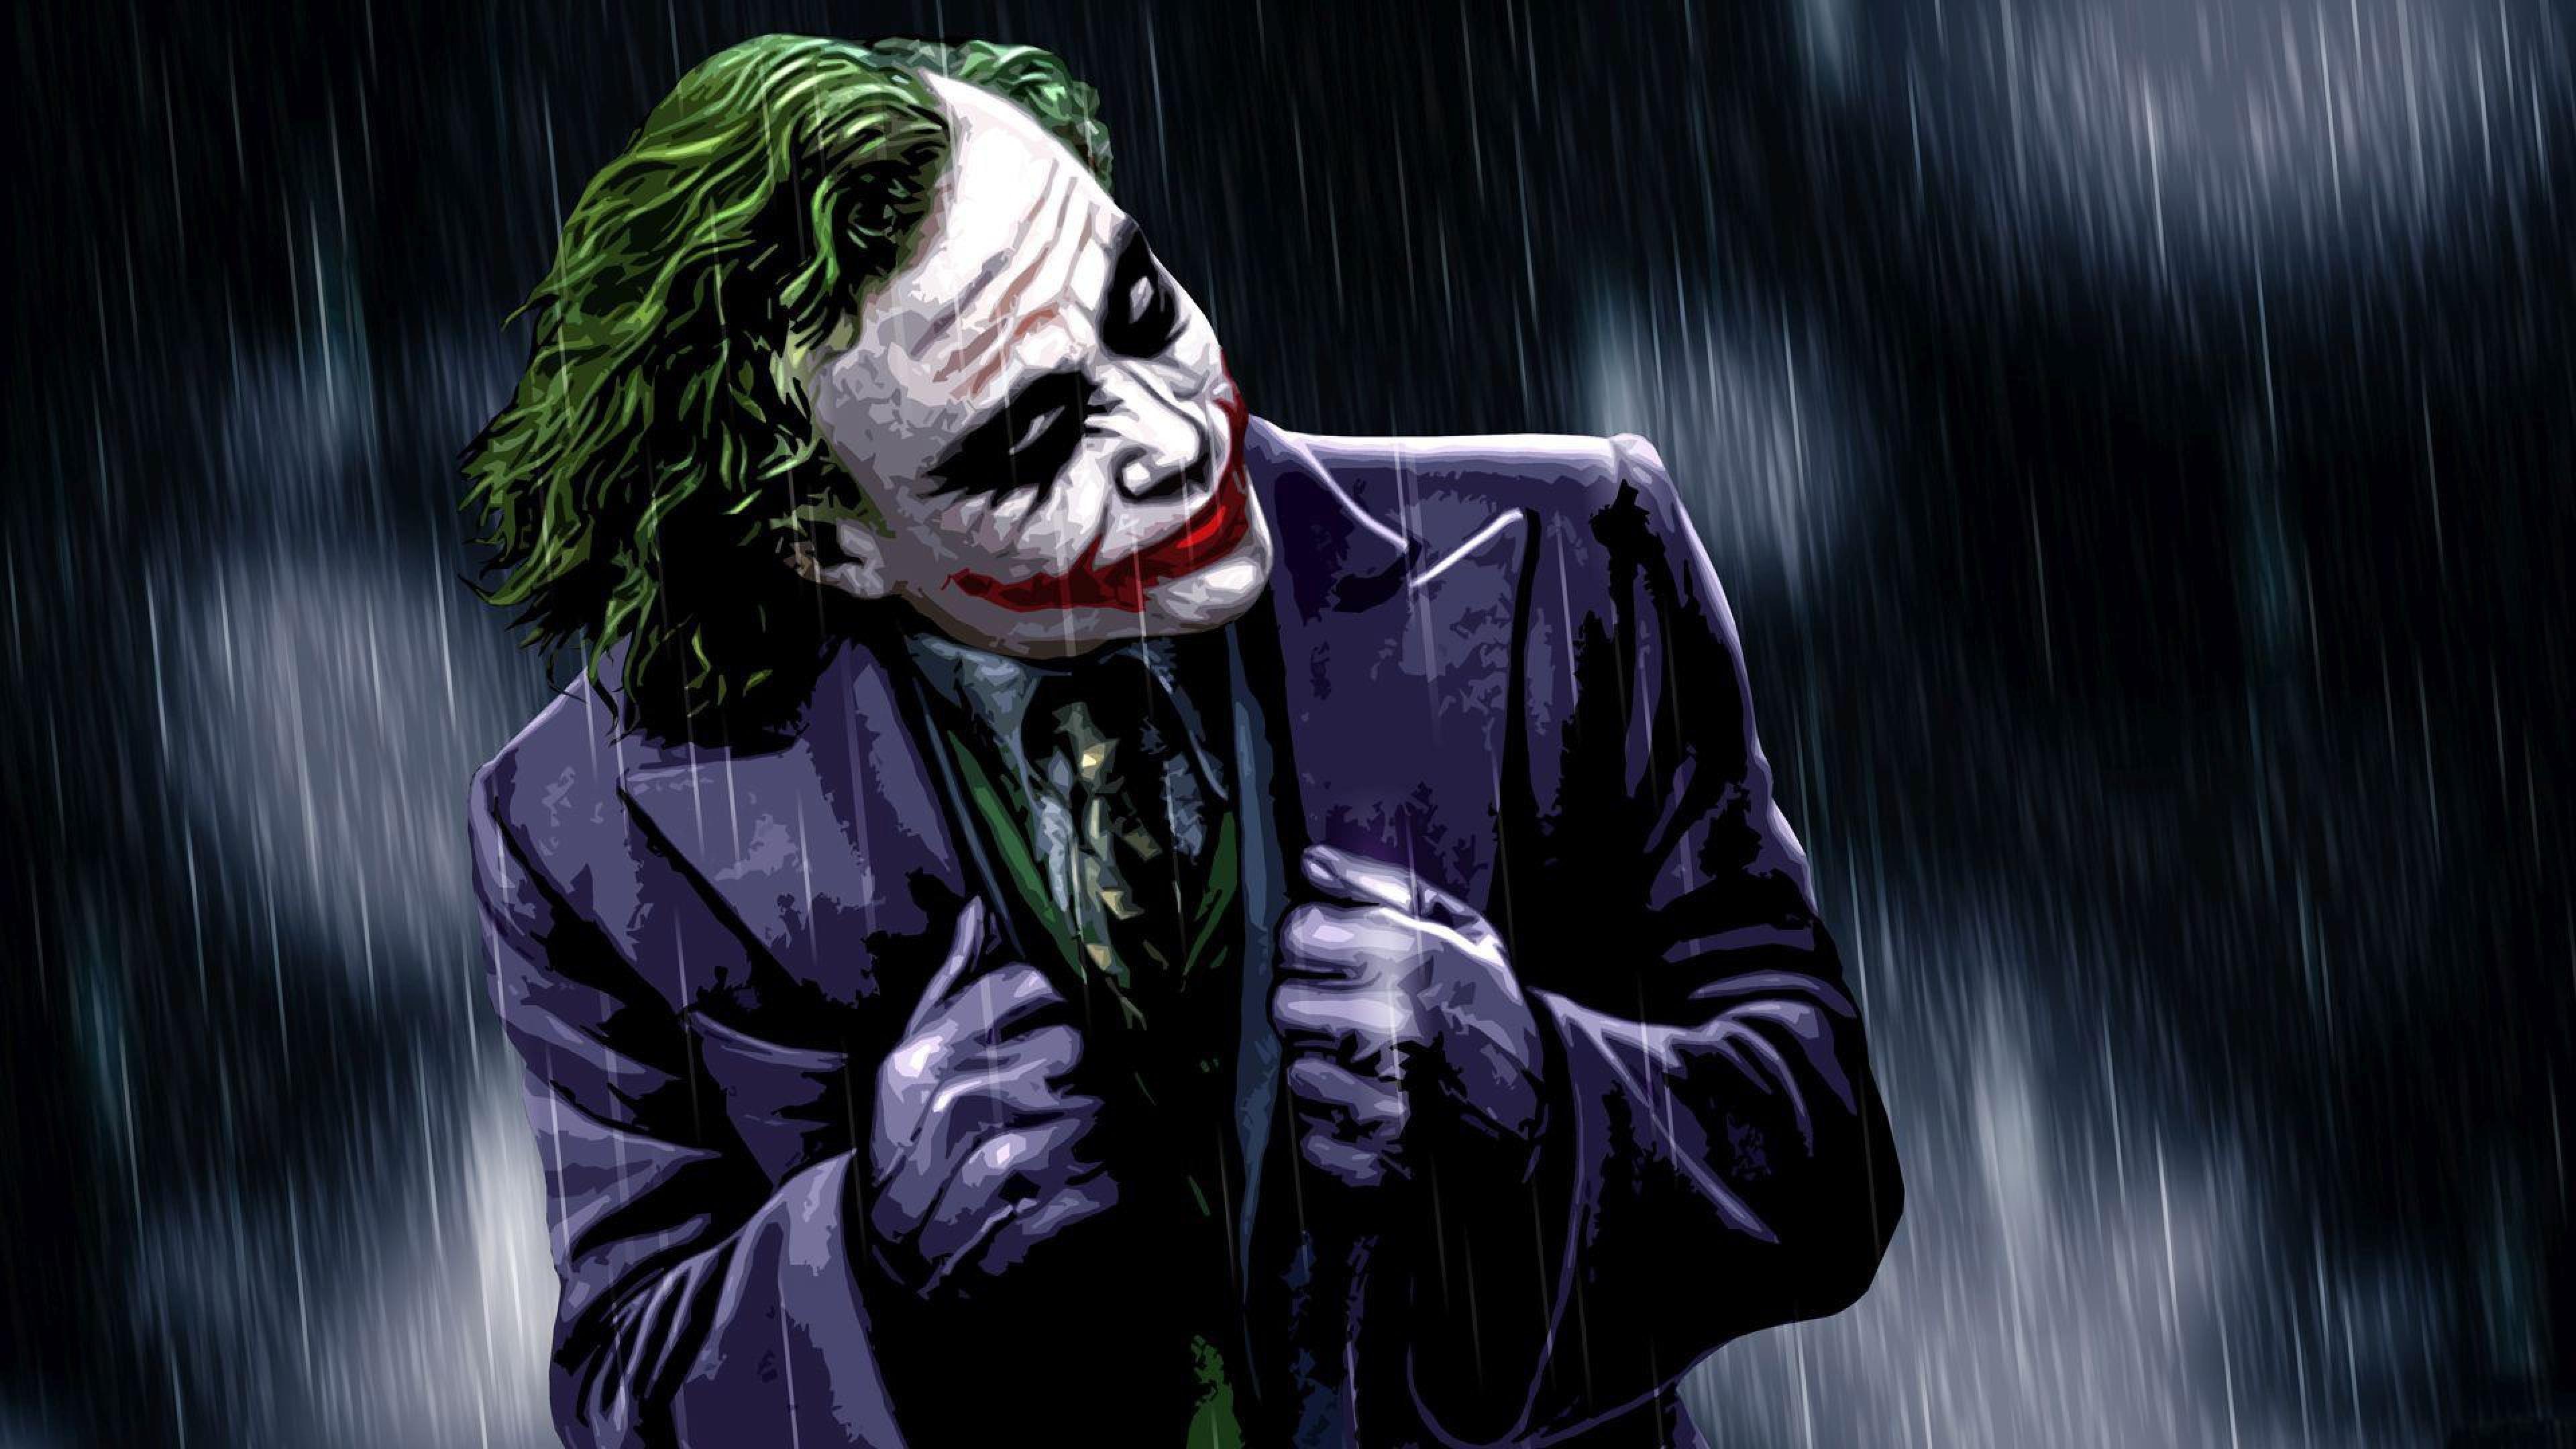 Joker 1080p wallpapers